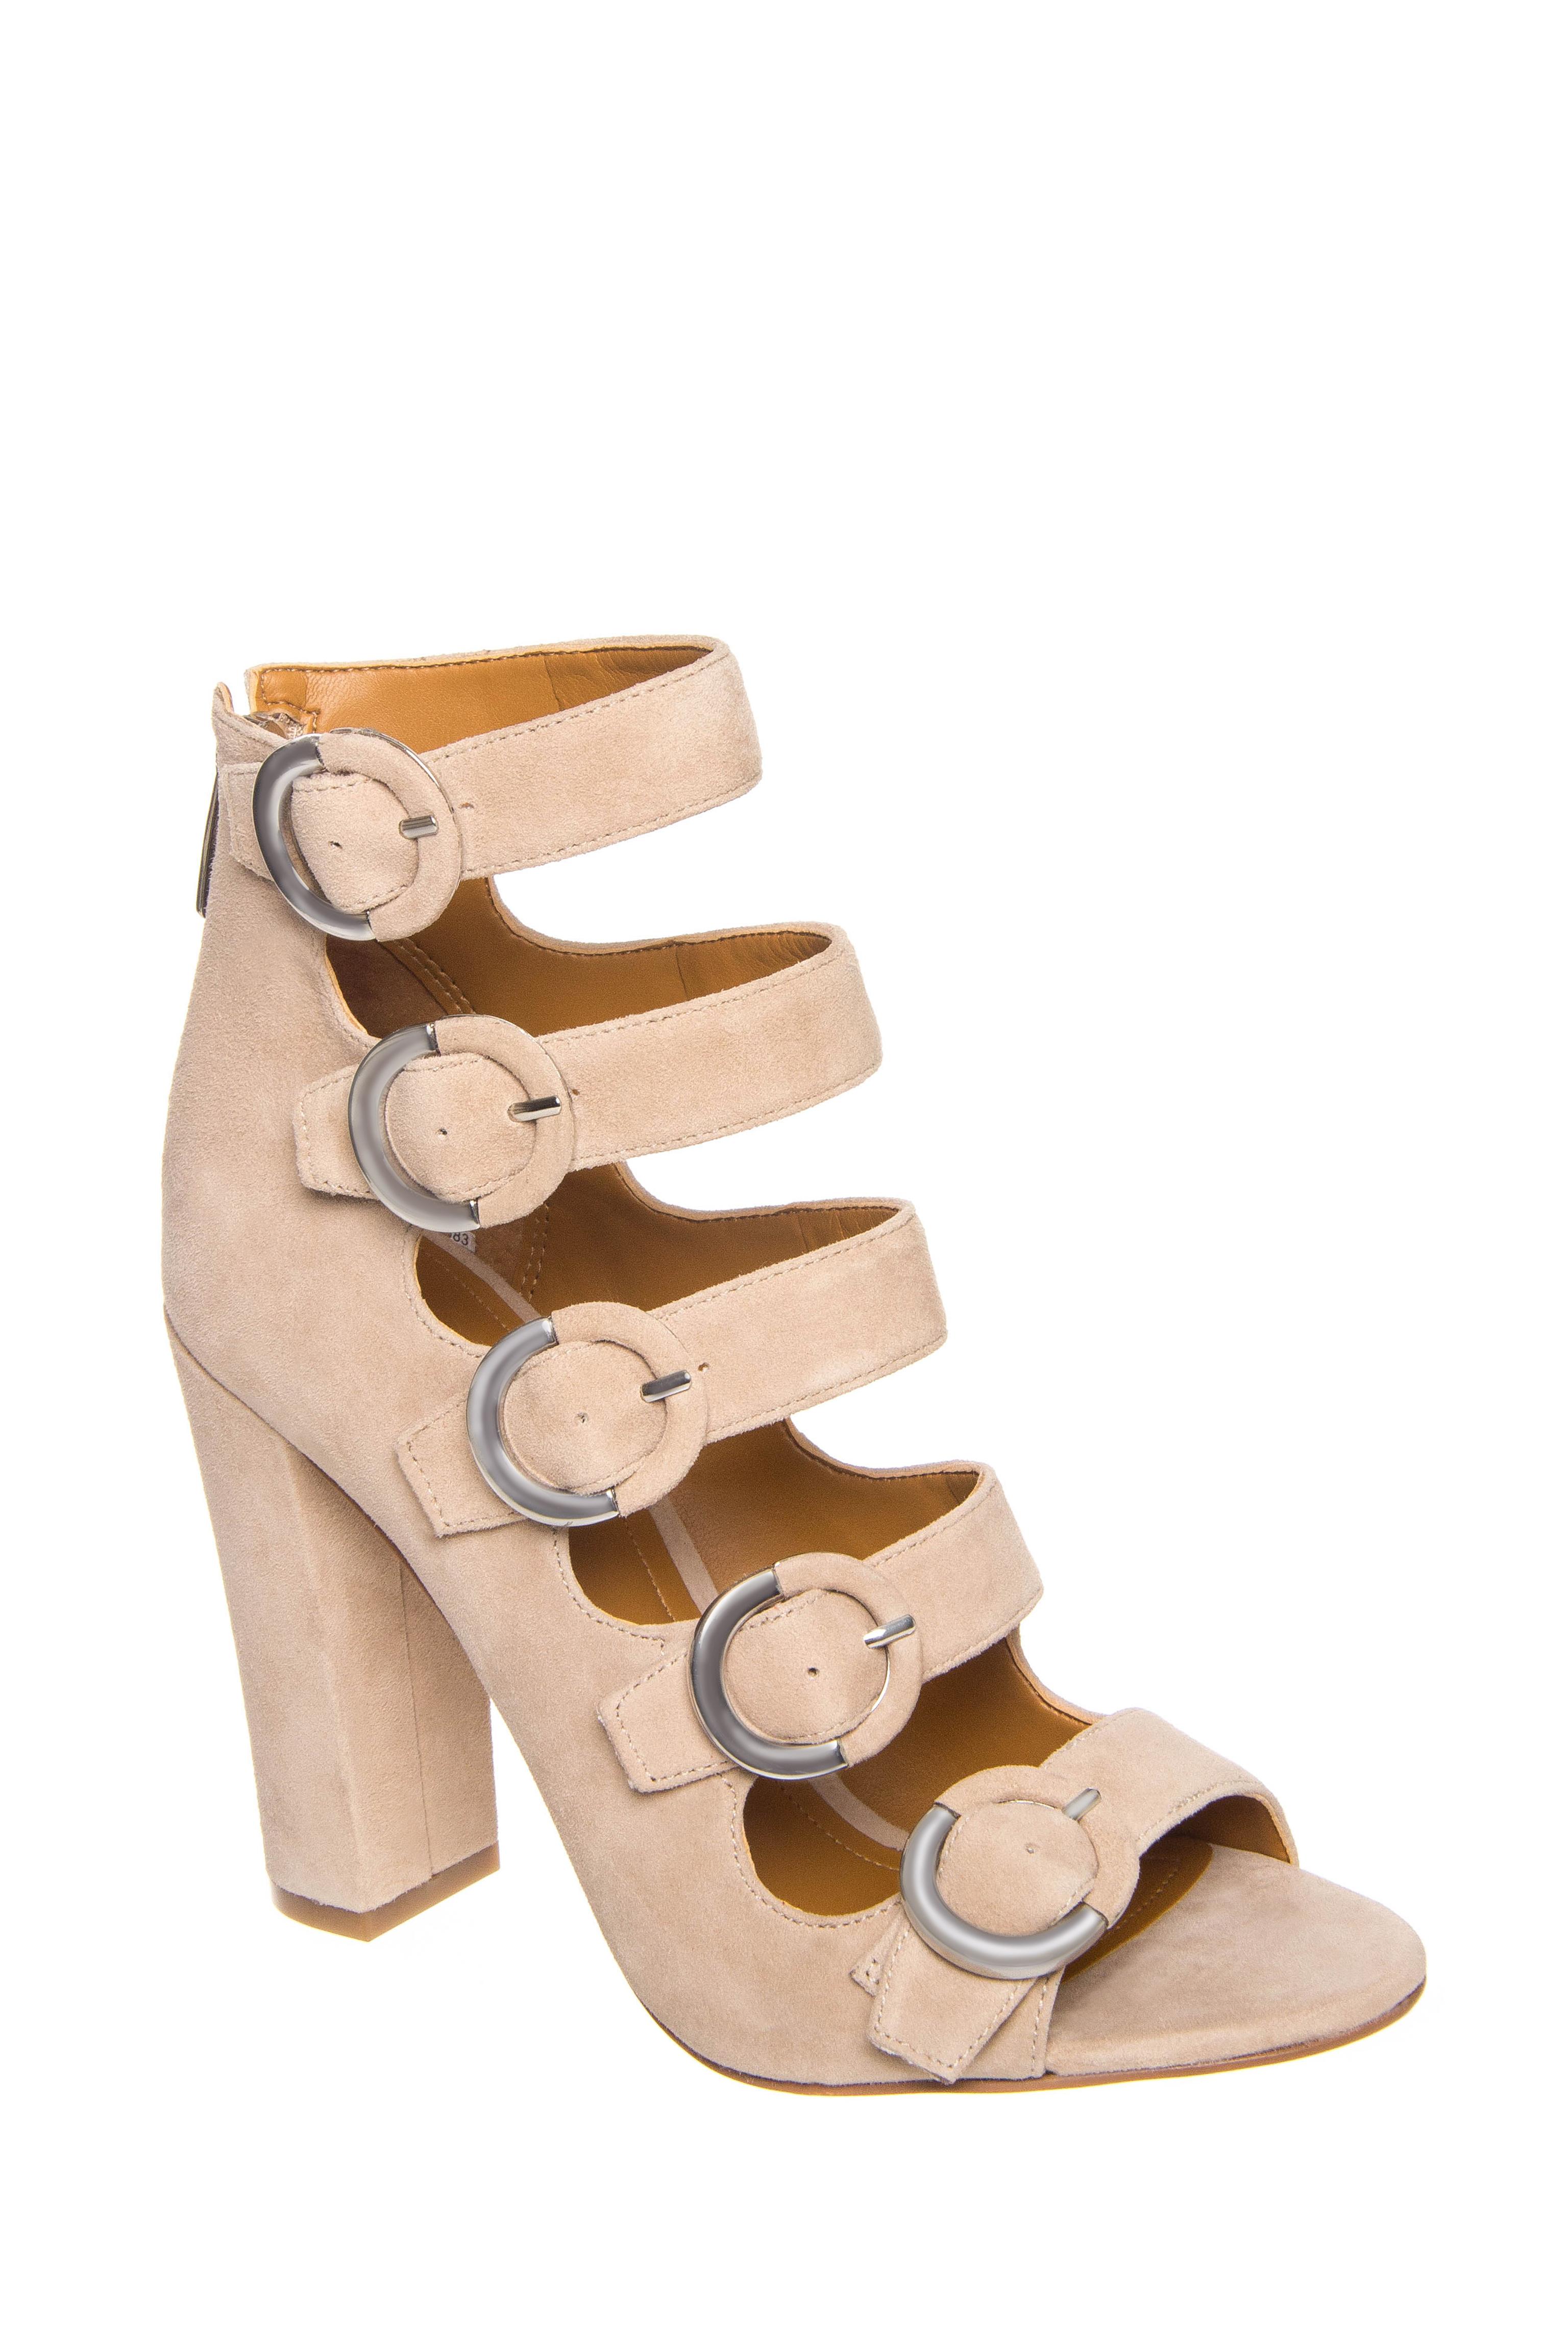 Kendall + Kylie Evie High Heel Multi-Buckle Sandals